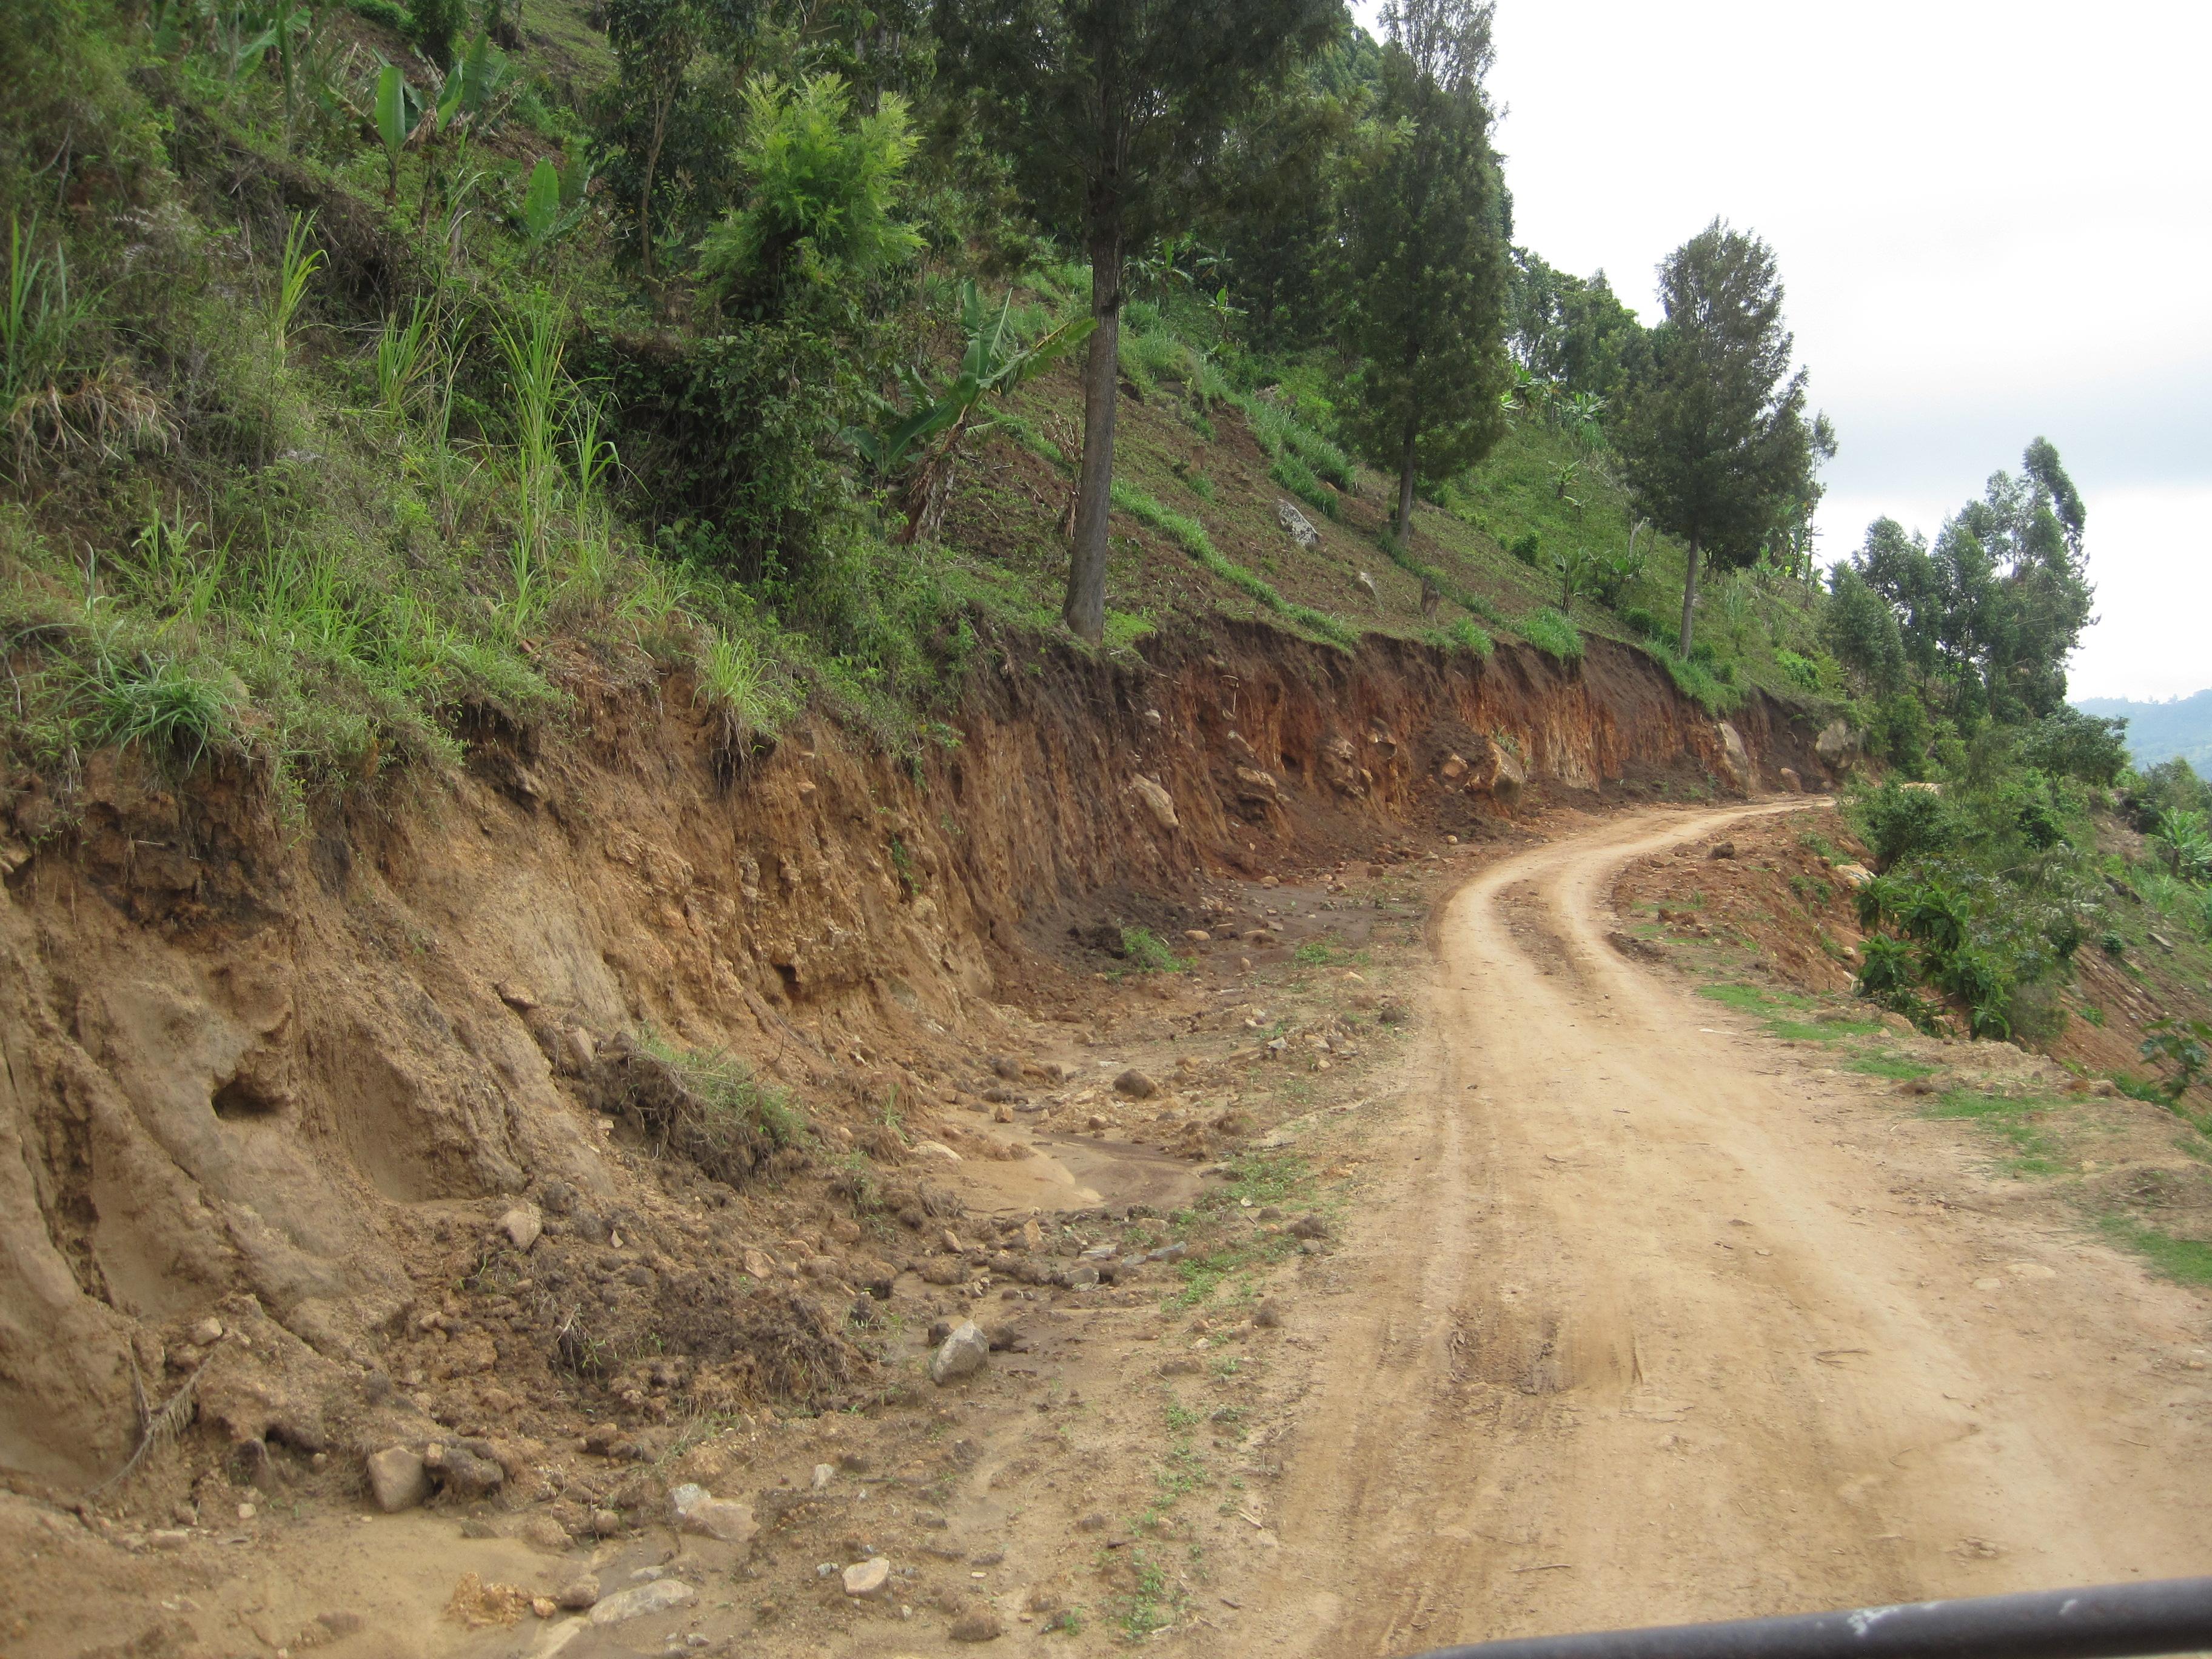 Erosion also means loss of precious farmland